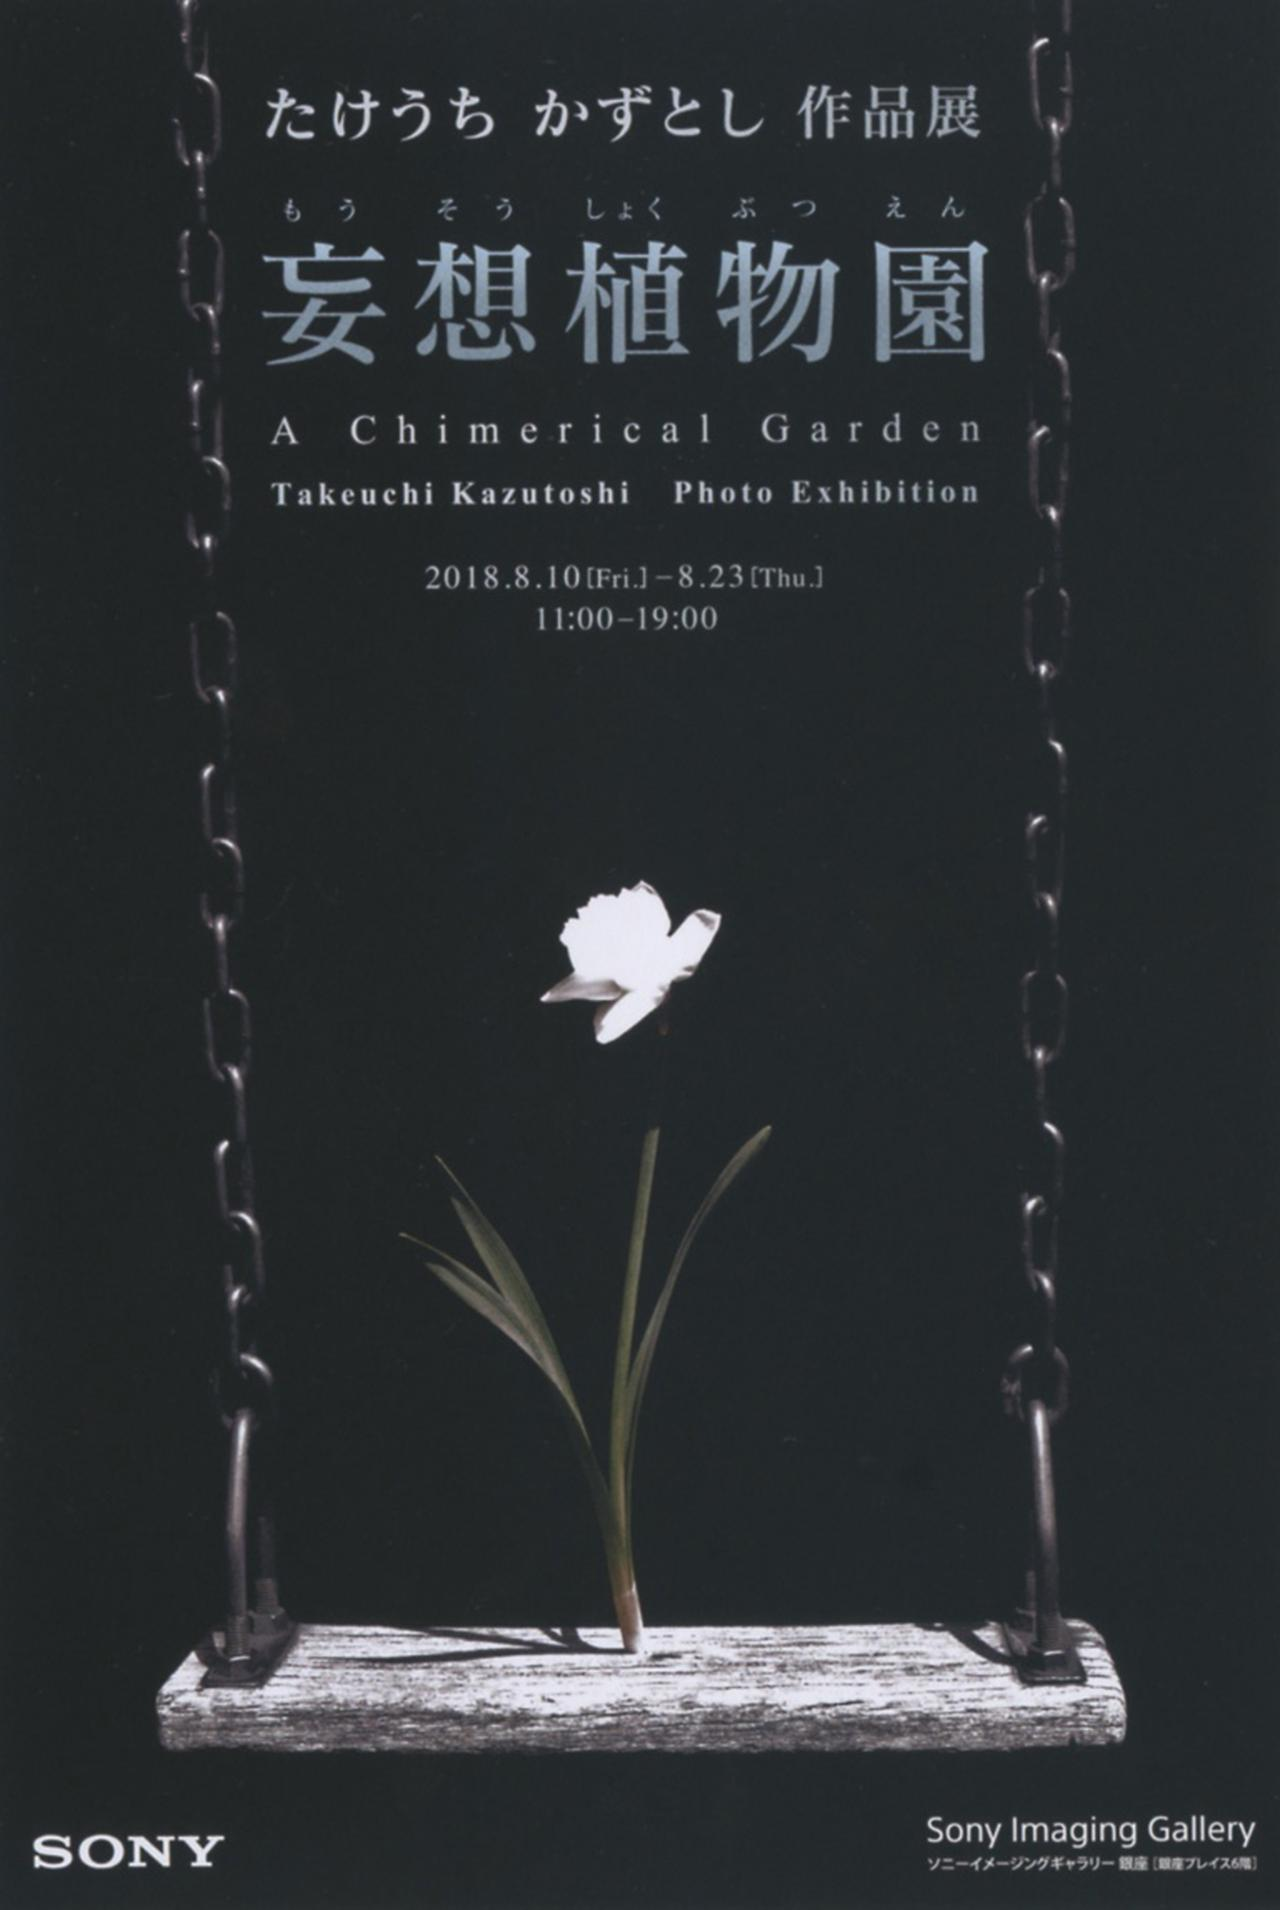 画像: たけうち かずとし 作品展「妄想植物園 -A Chimerical Garden-」 ●開催中~~2018年8月23日(木)  ソニーイメージングギャラリー 銀座(銀座プレイス6階)